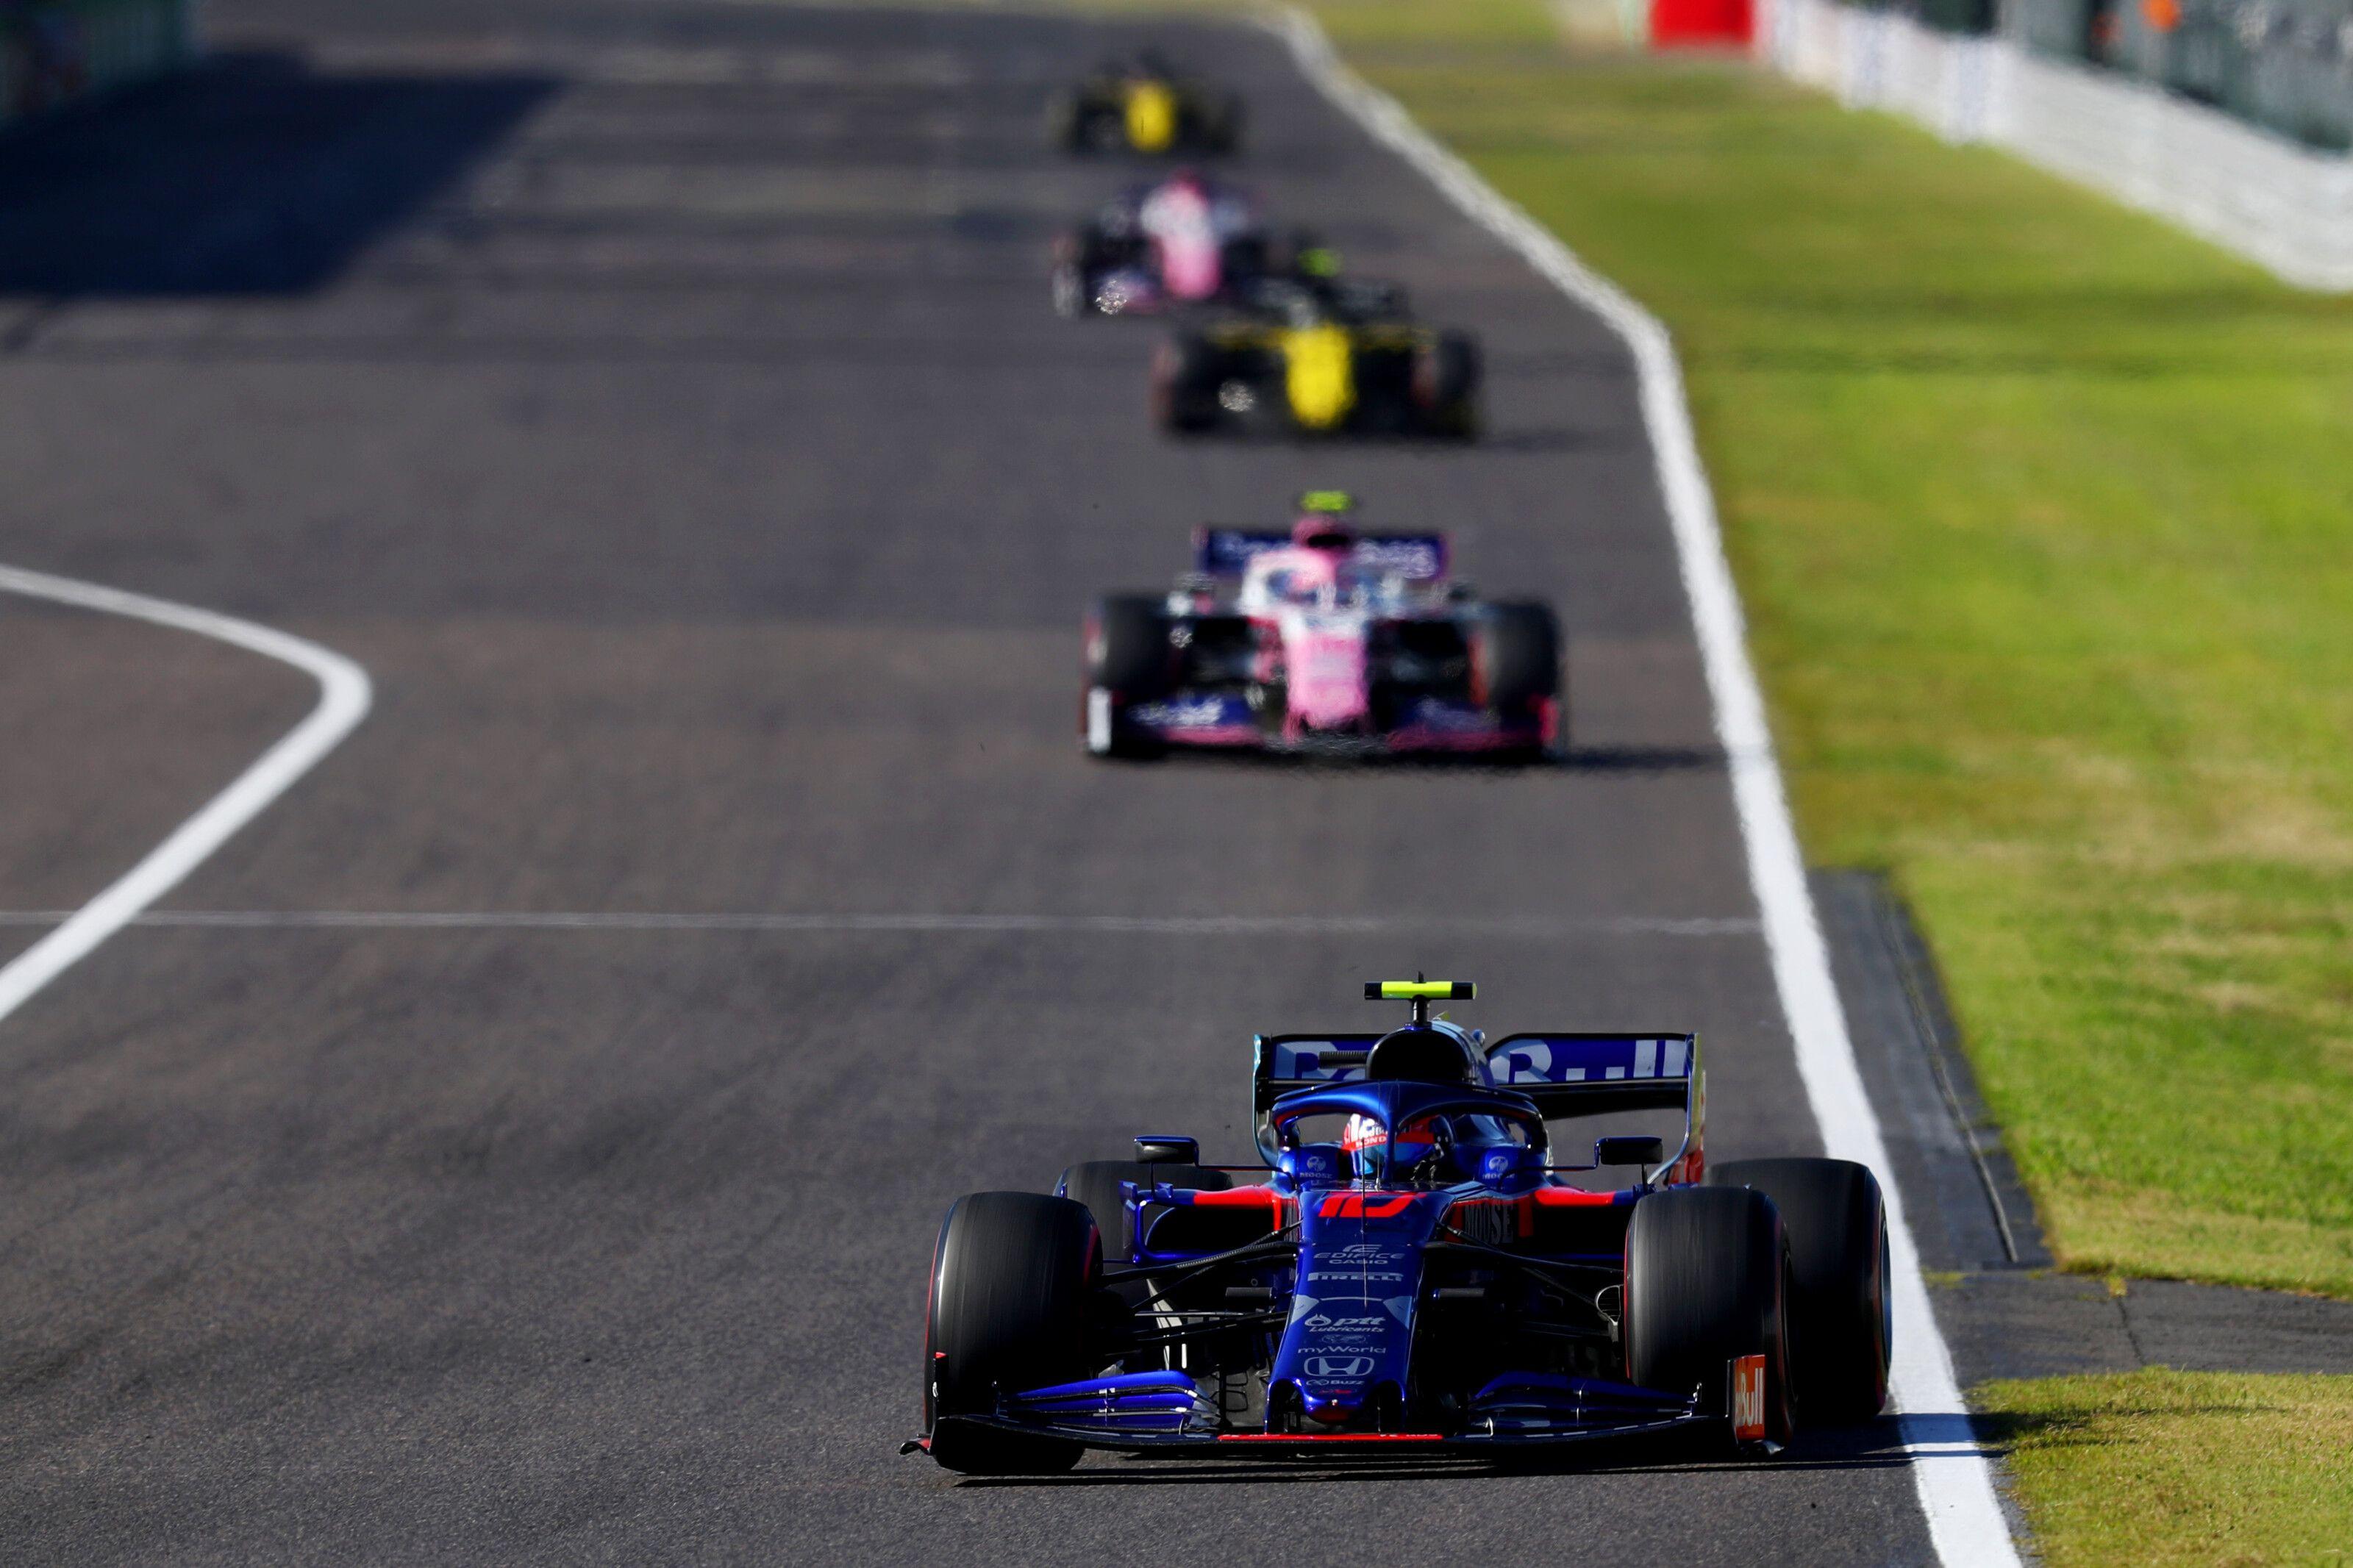 Pierre Gasly, Sergio Perez